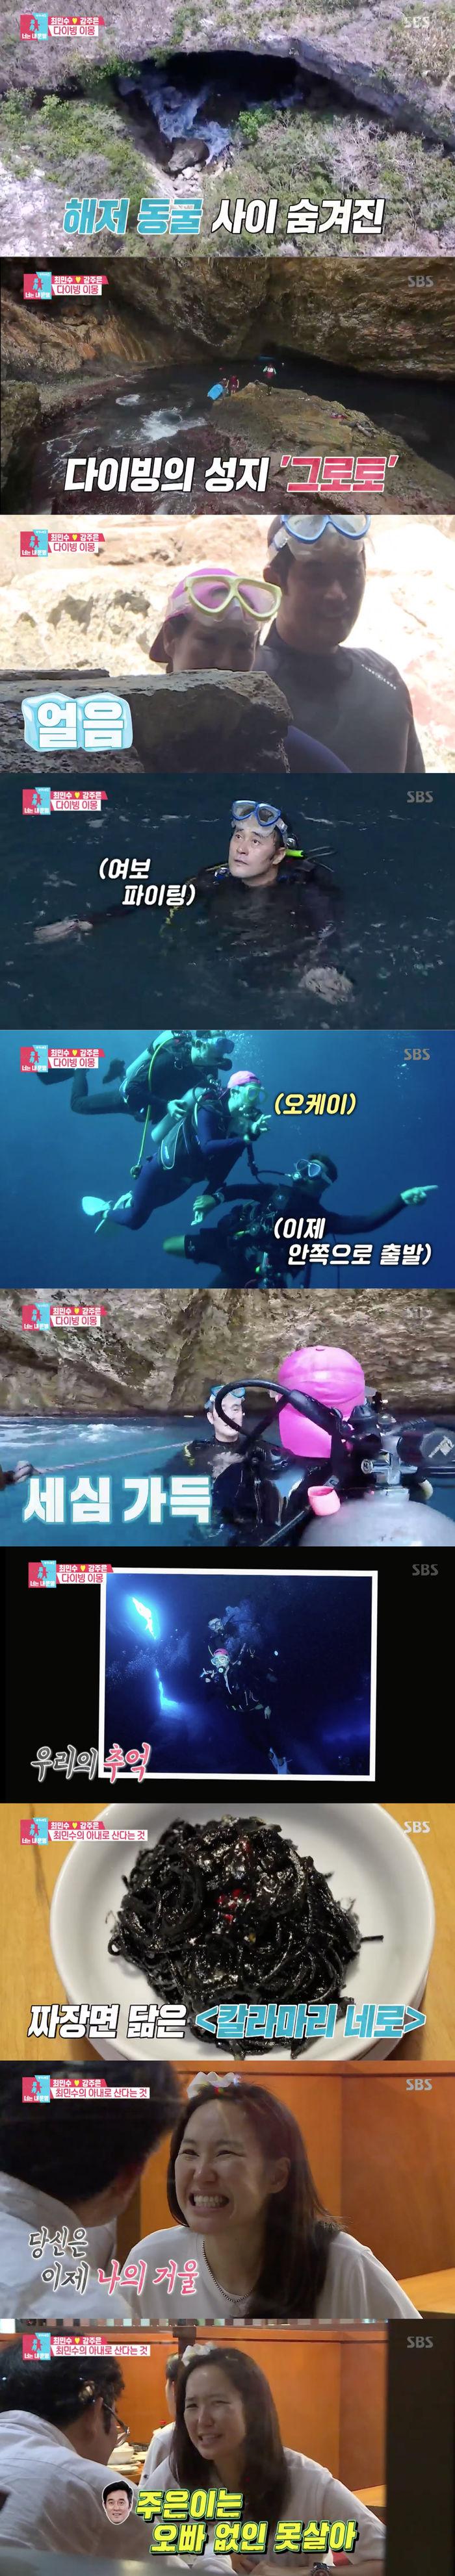 [스브스夜] '동상이몽2' 최민수♥강주은, '그로토' 동굴 다이빙 도전…'결혼 25주년 기념 여행' 마무리